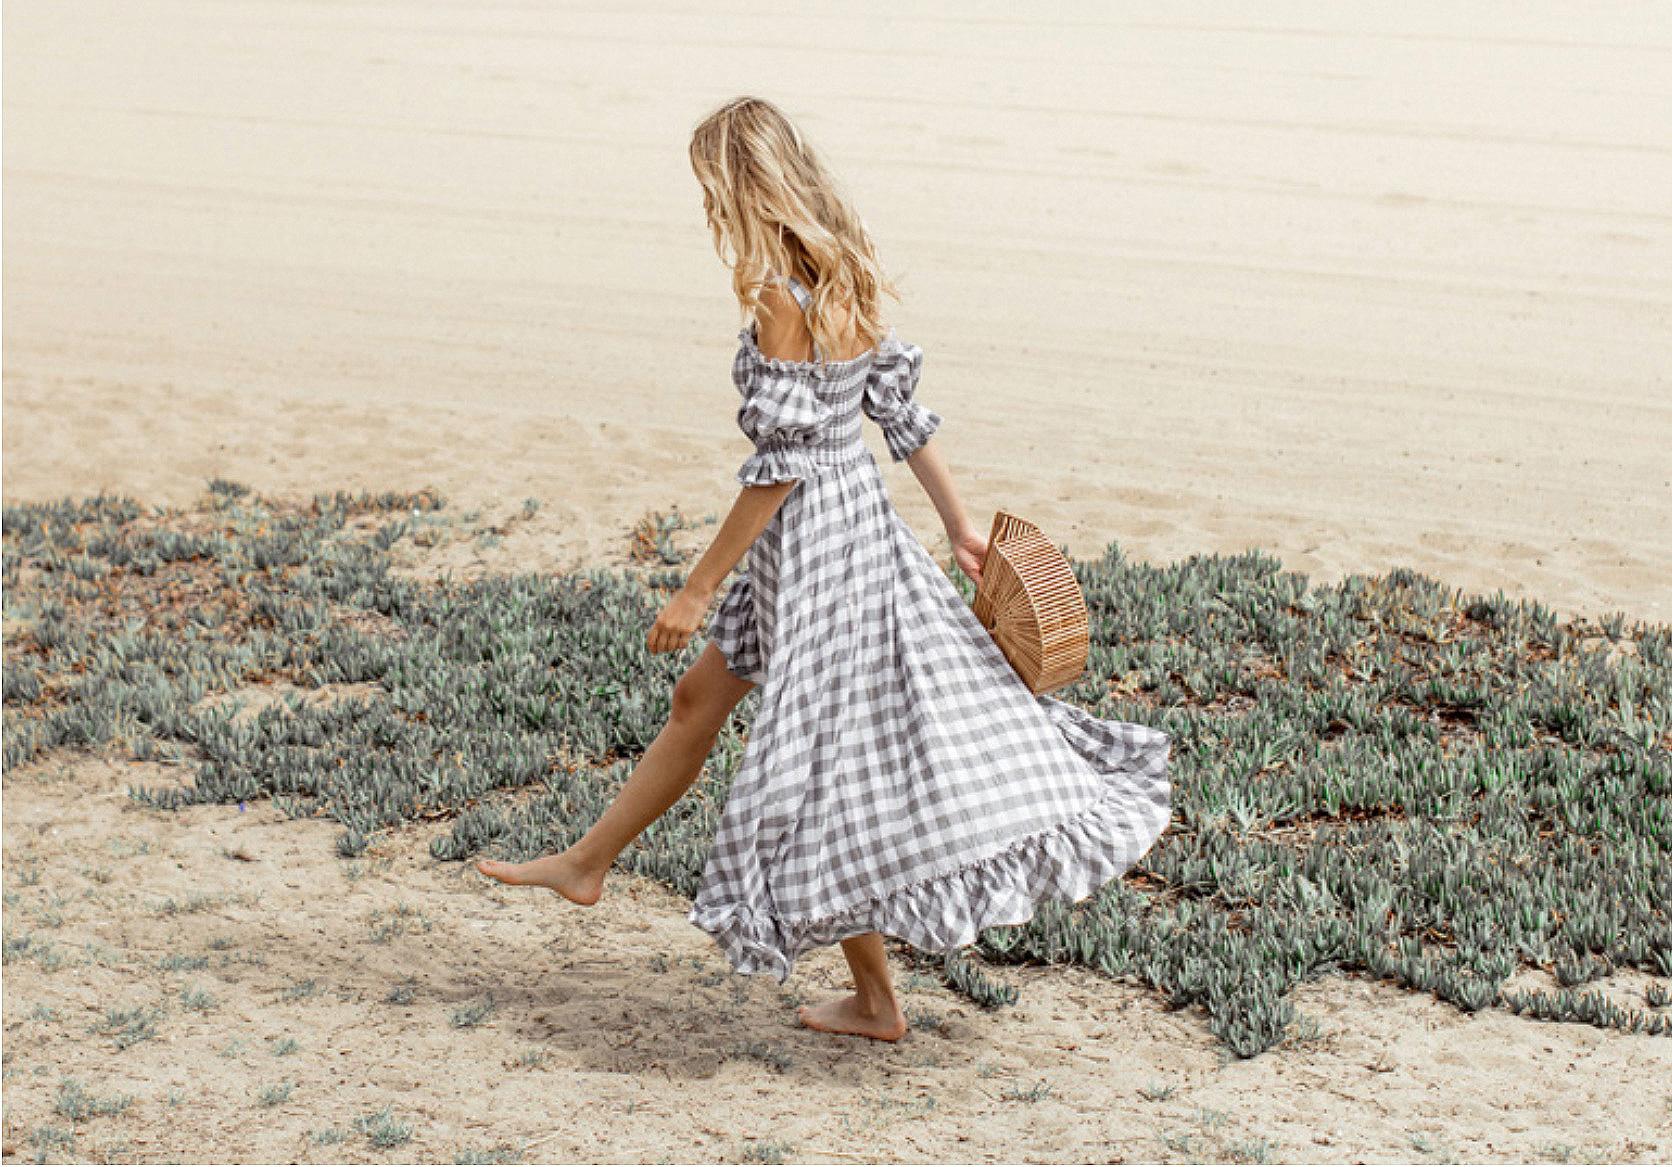 walking-along-with-basket.jpg